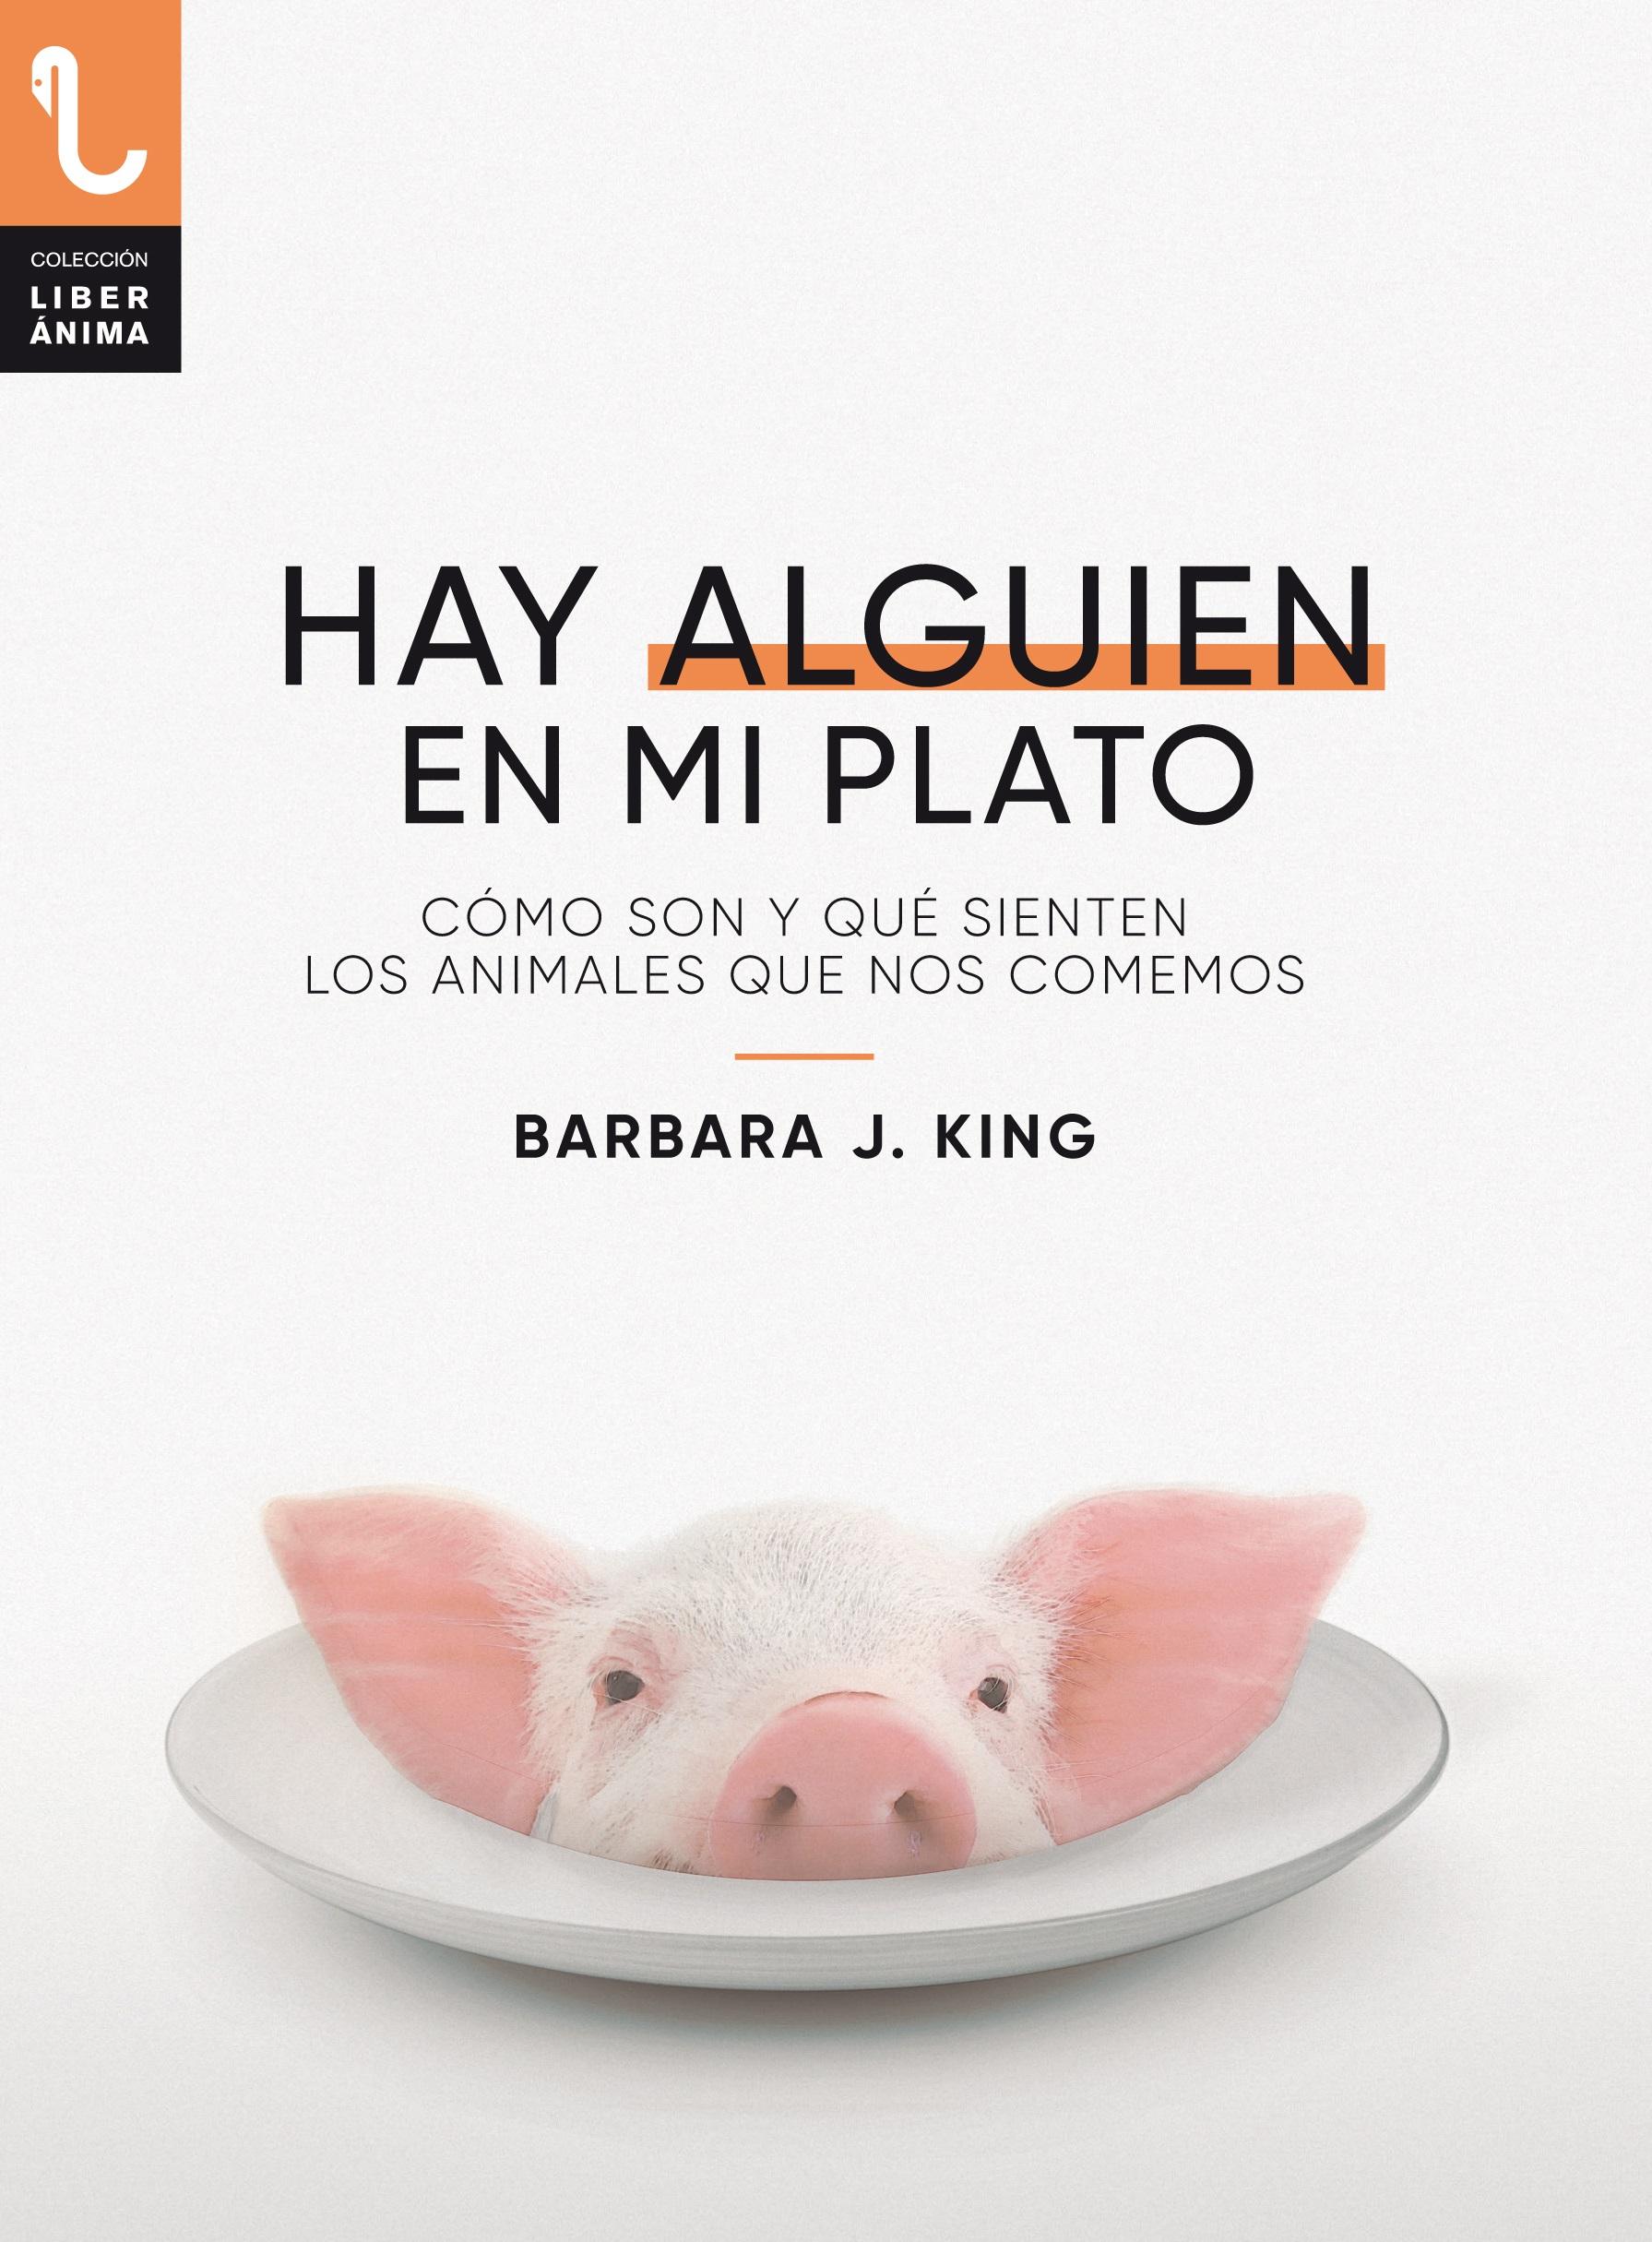 HAY ALGUIEN EN MI PLATO de Barbara J. King